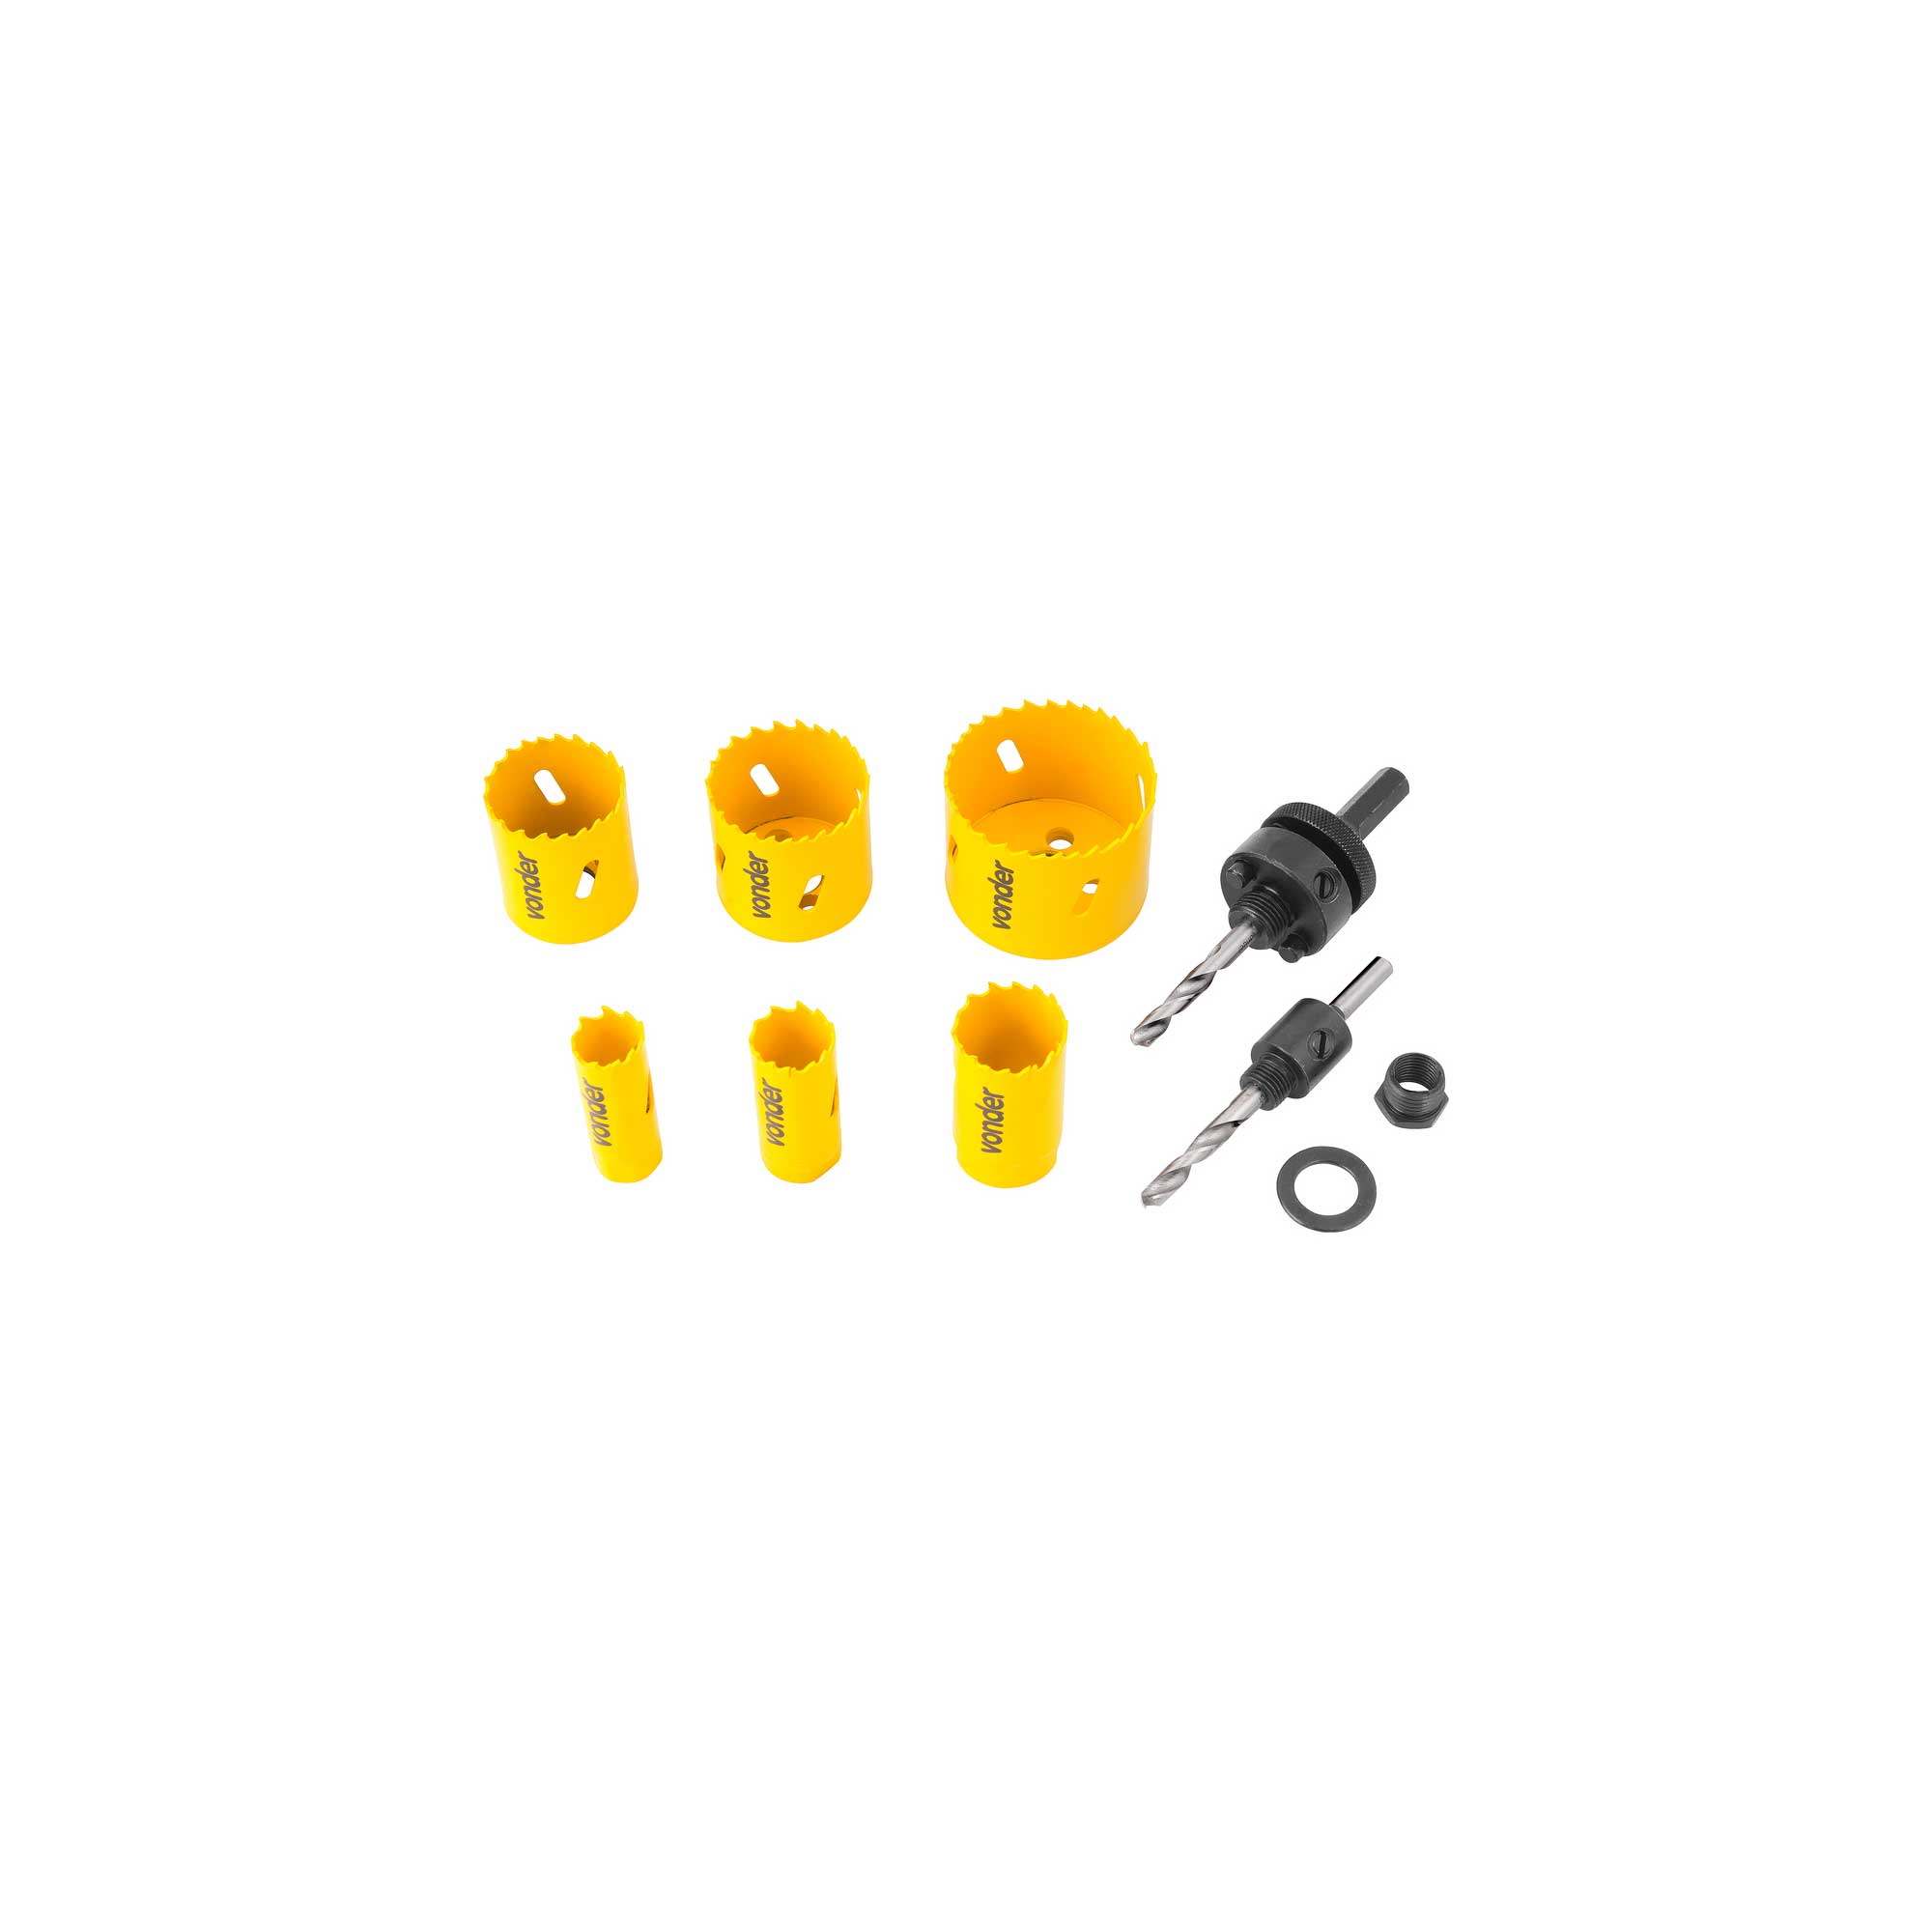 Serra Copo de Aço Rápido Bimetal Vonder SCV 200 Com 9 Peças